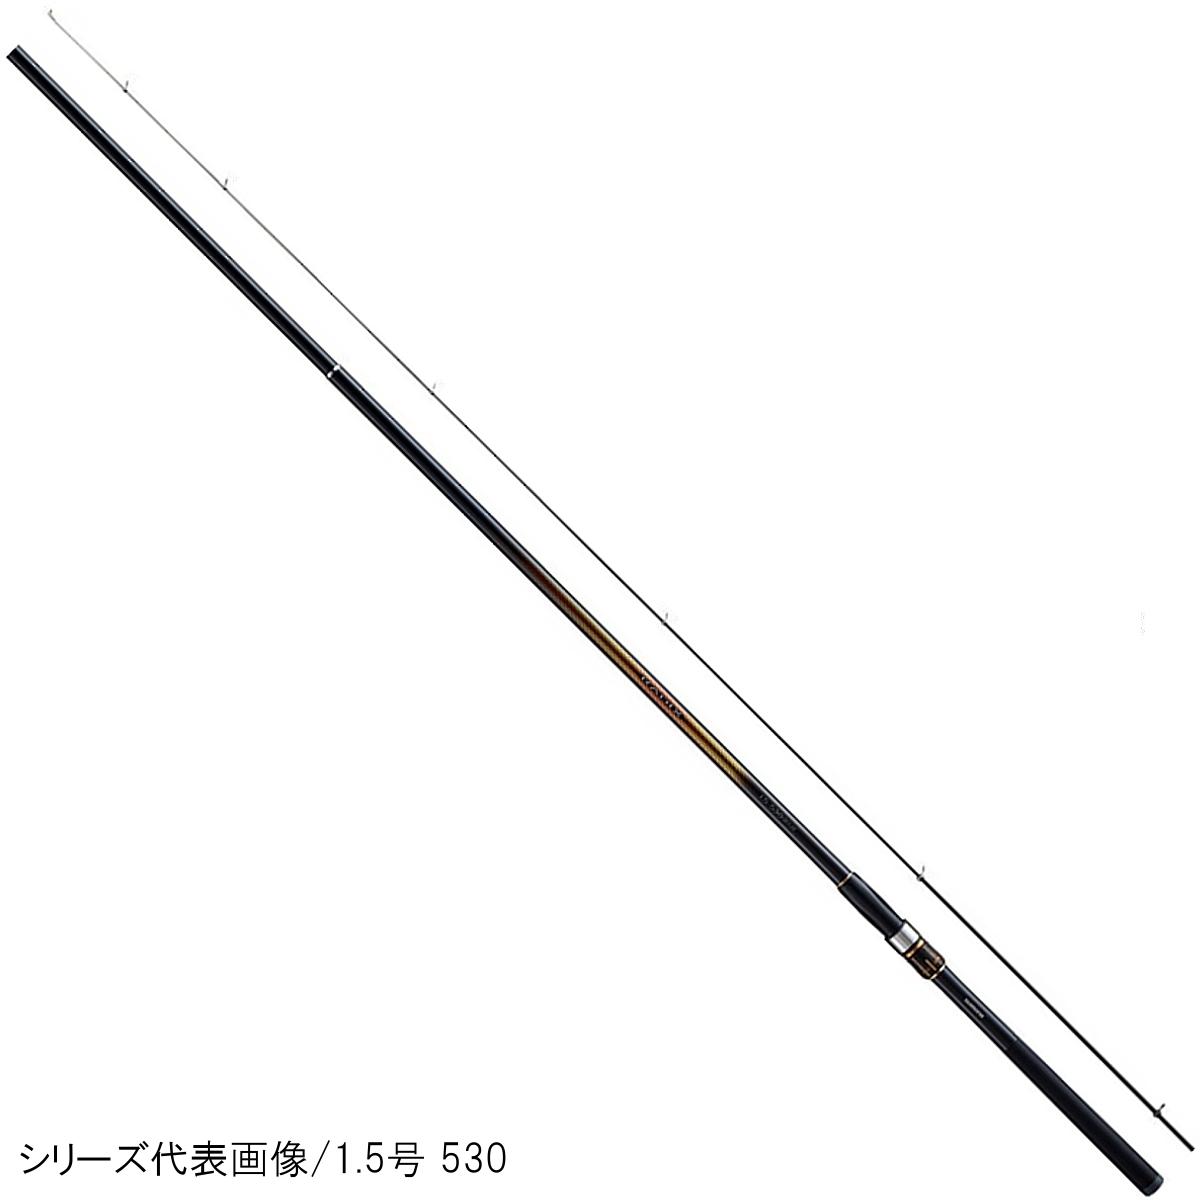 シマノ ラディックス 1号 530